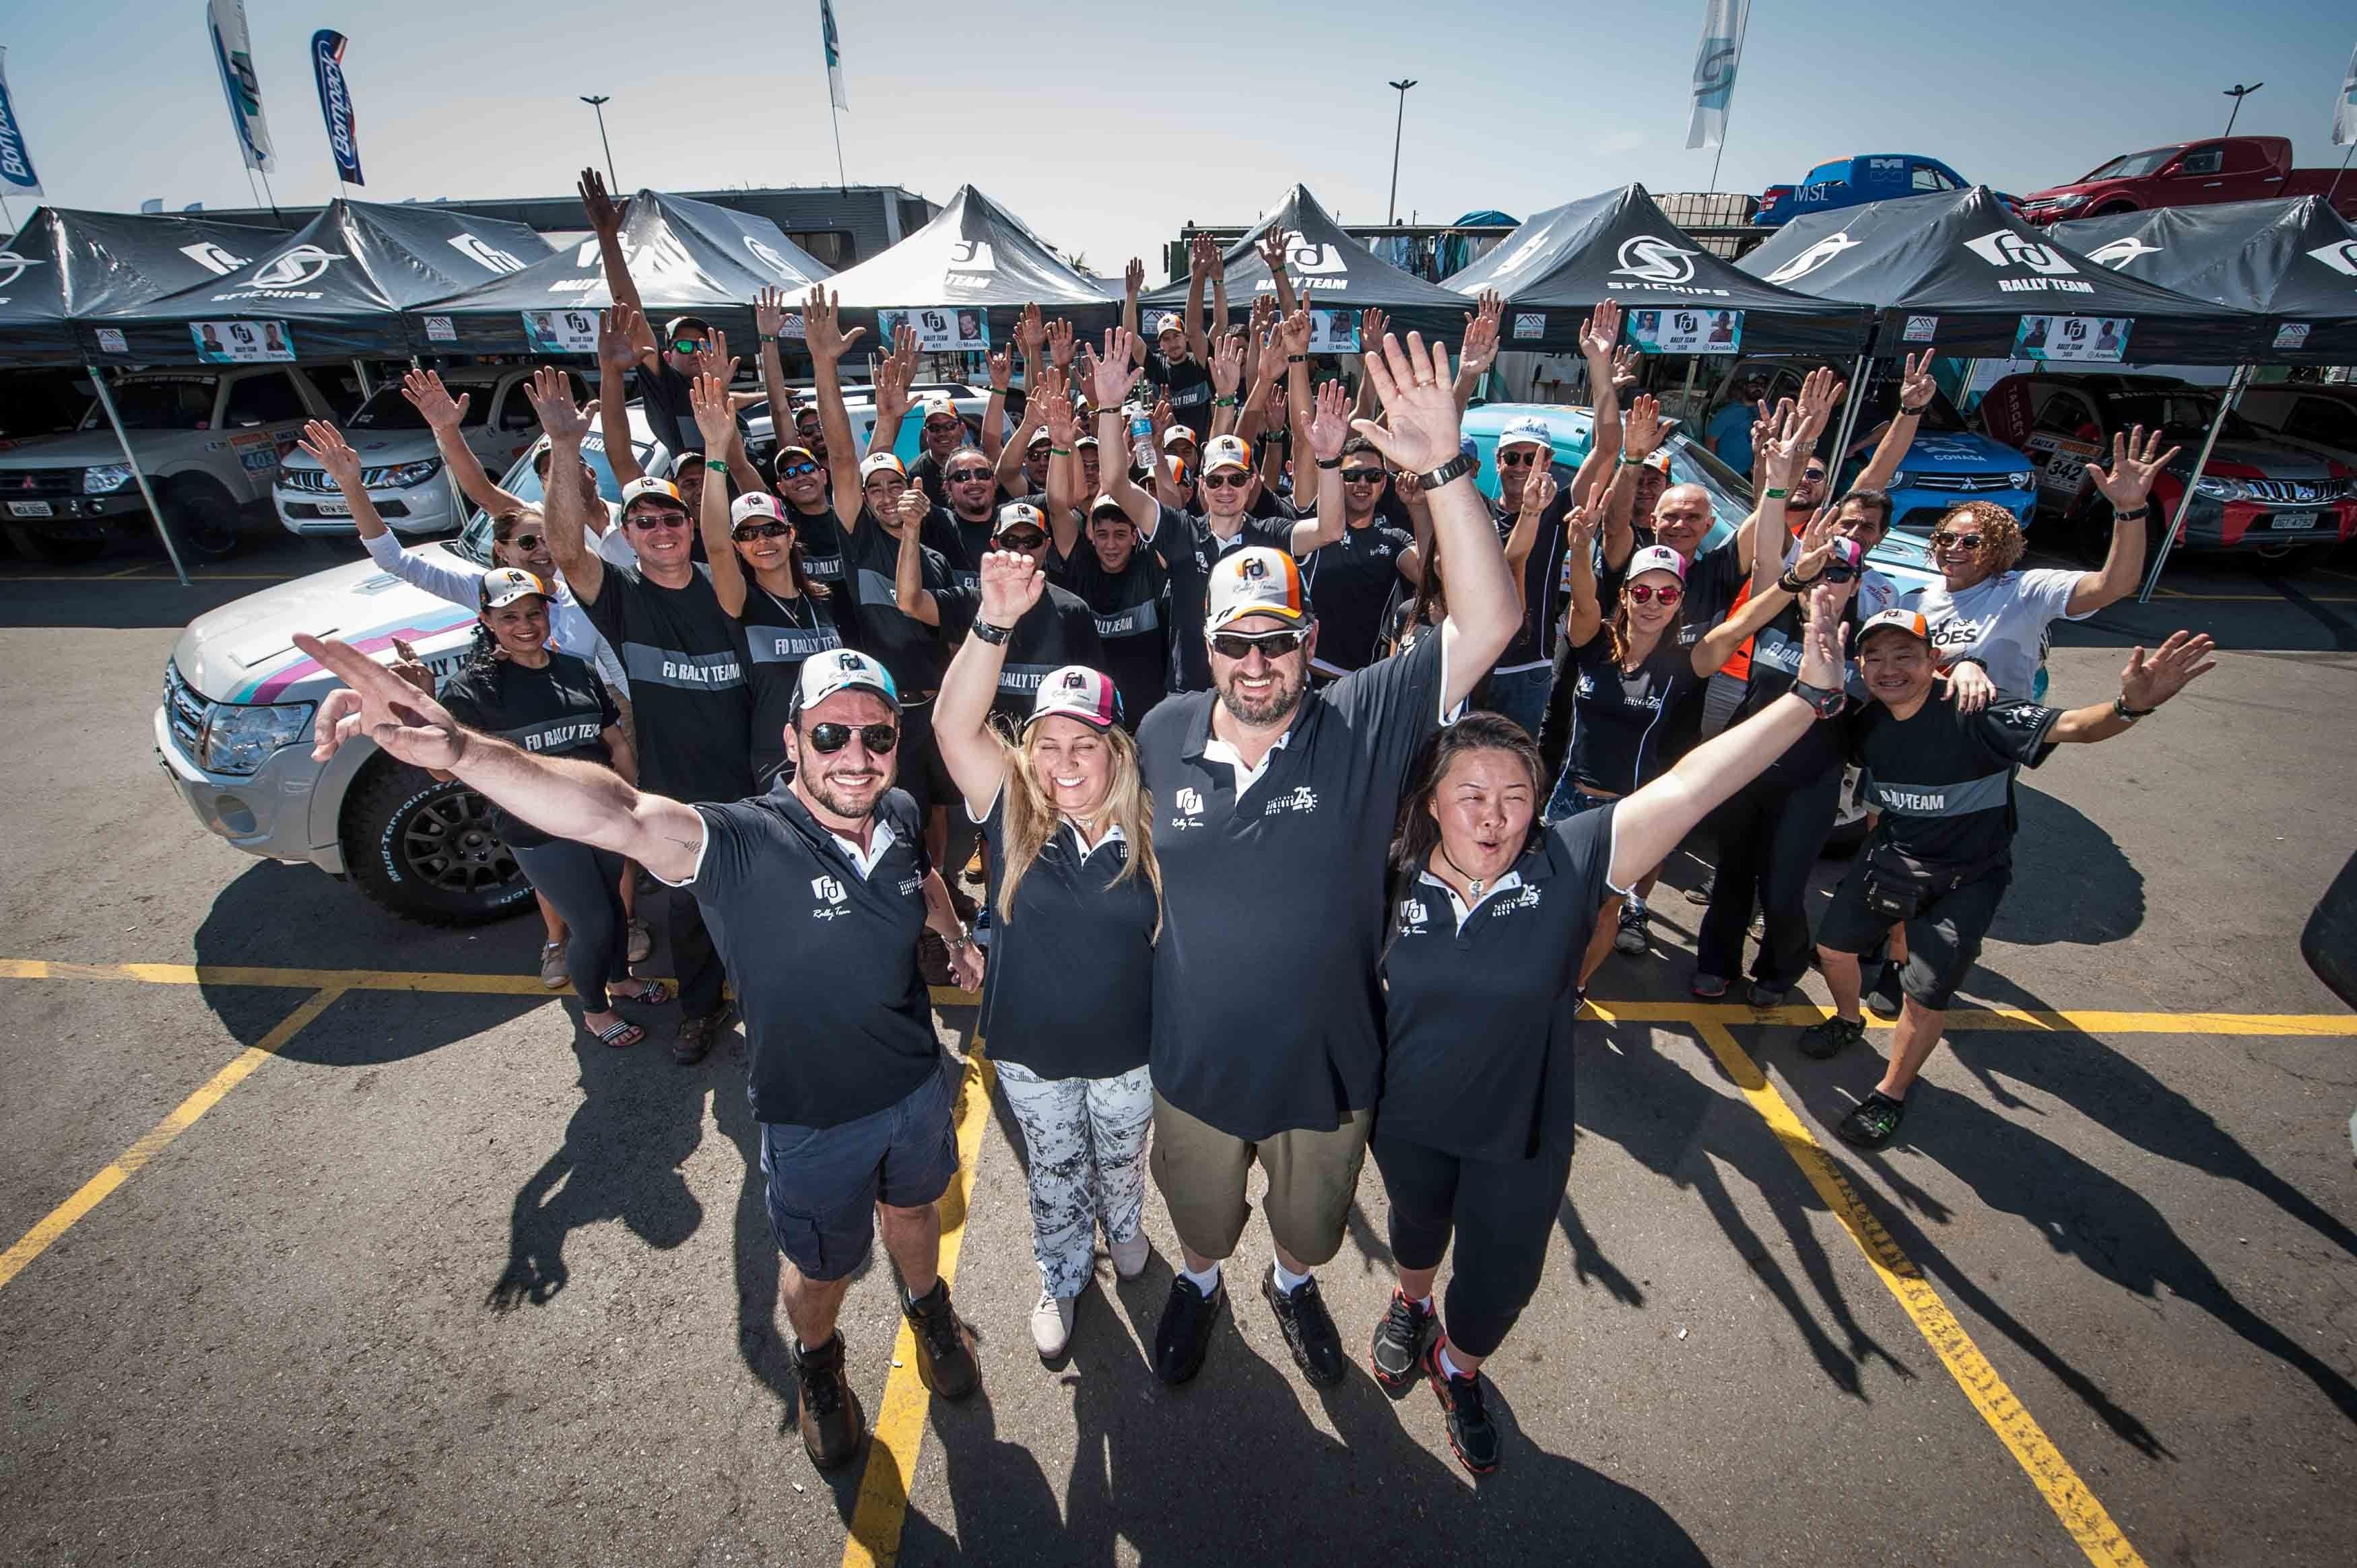 Rally dos Sertões: Pelo 2º ano consecutivo, FD Rally Team será a maior equipe do grid com 11 carros